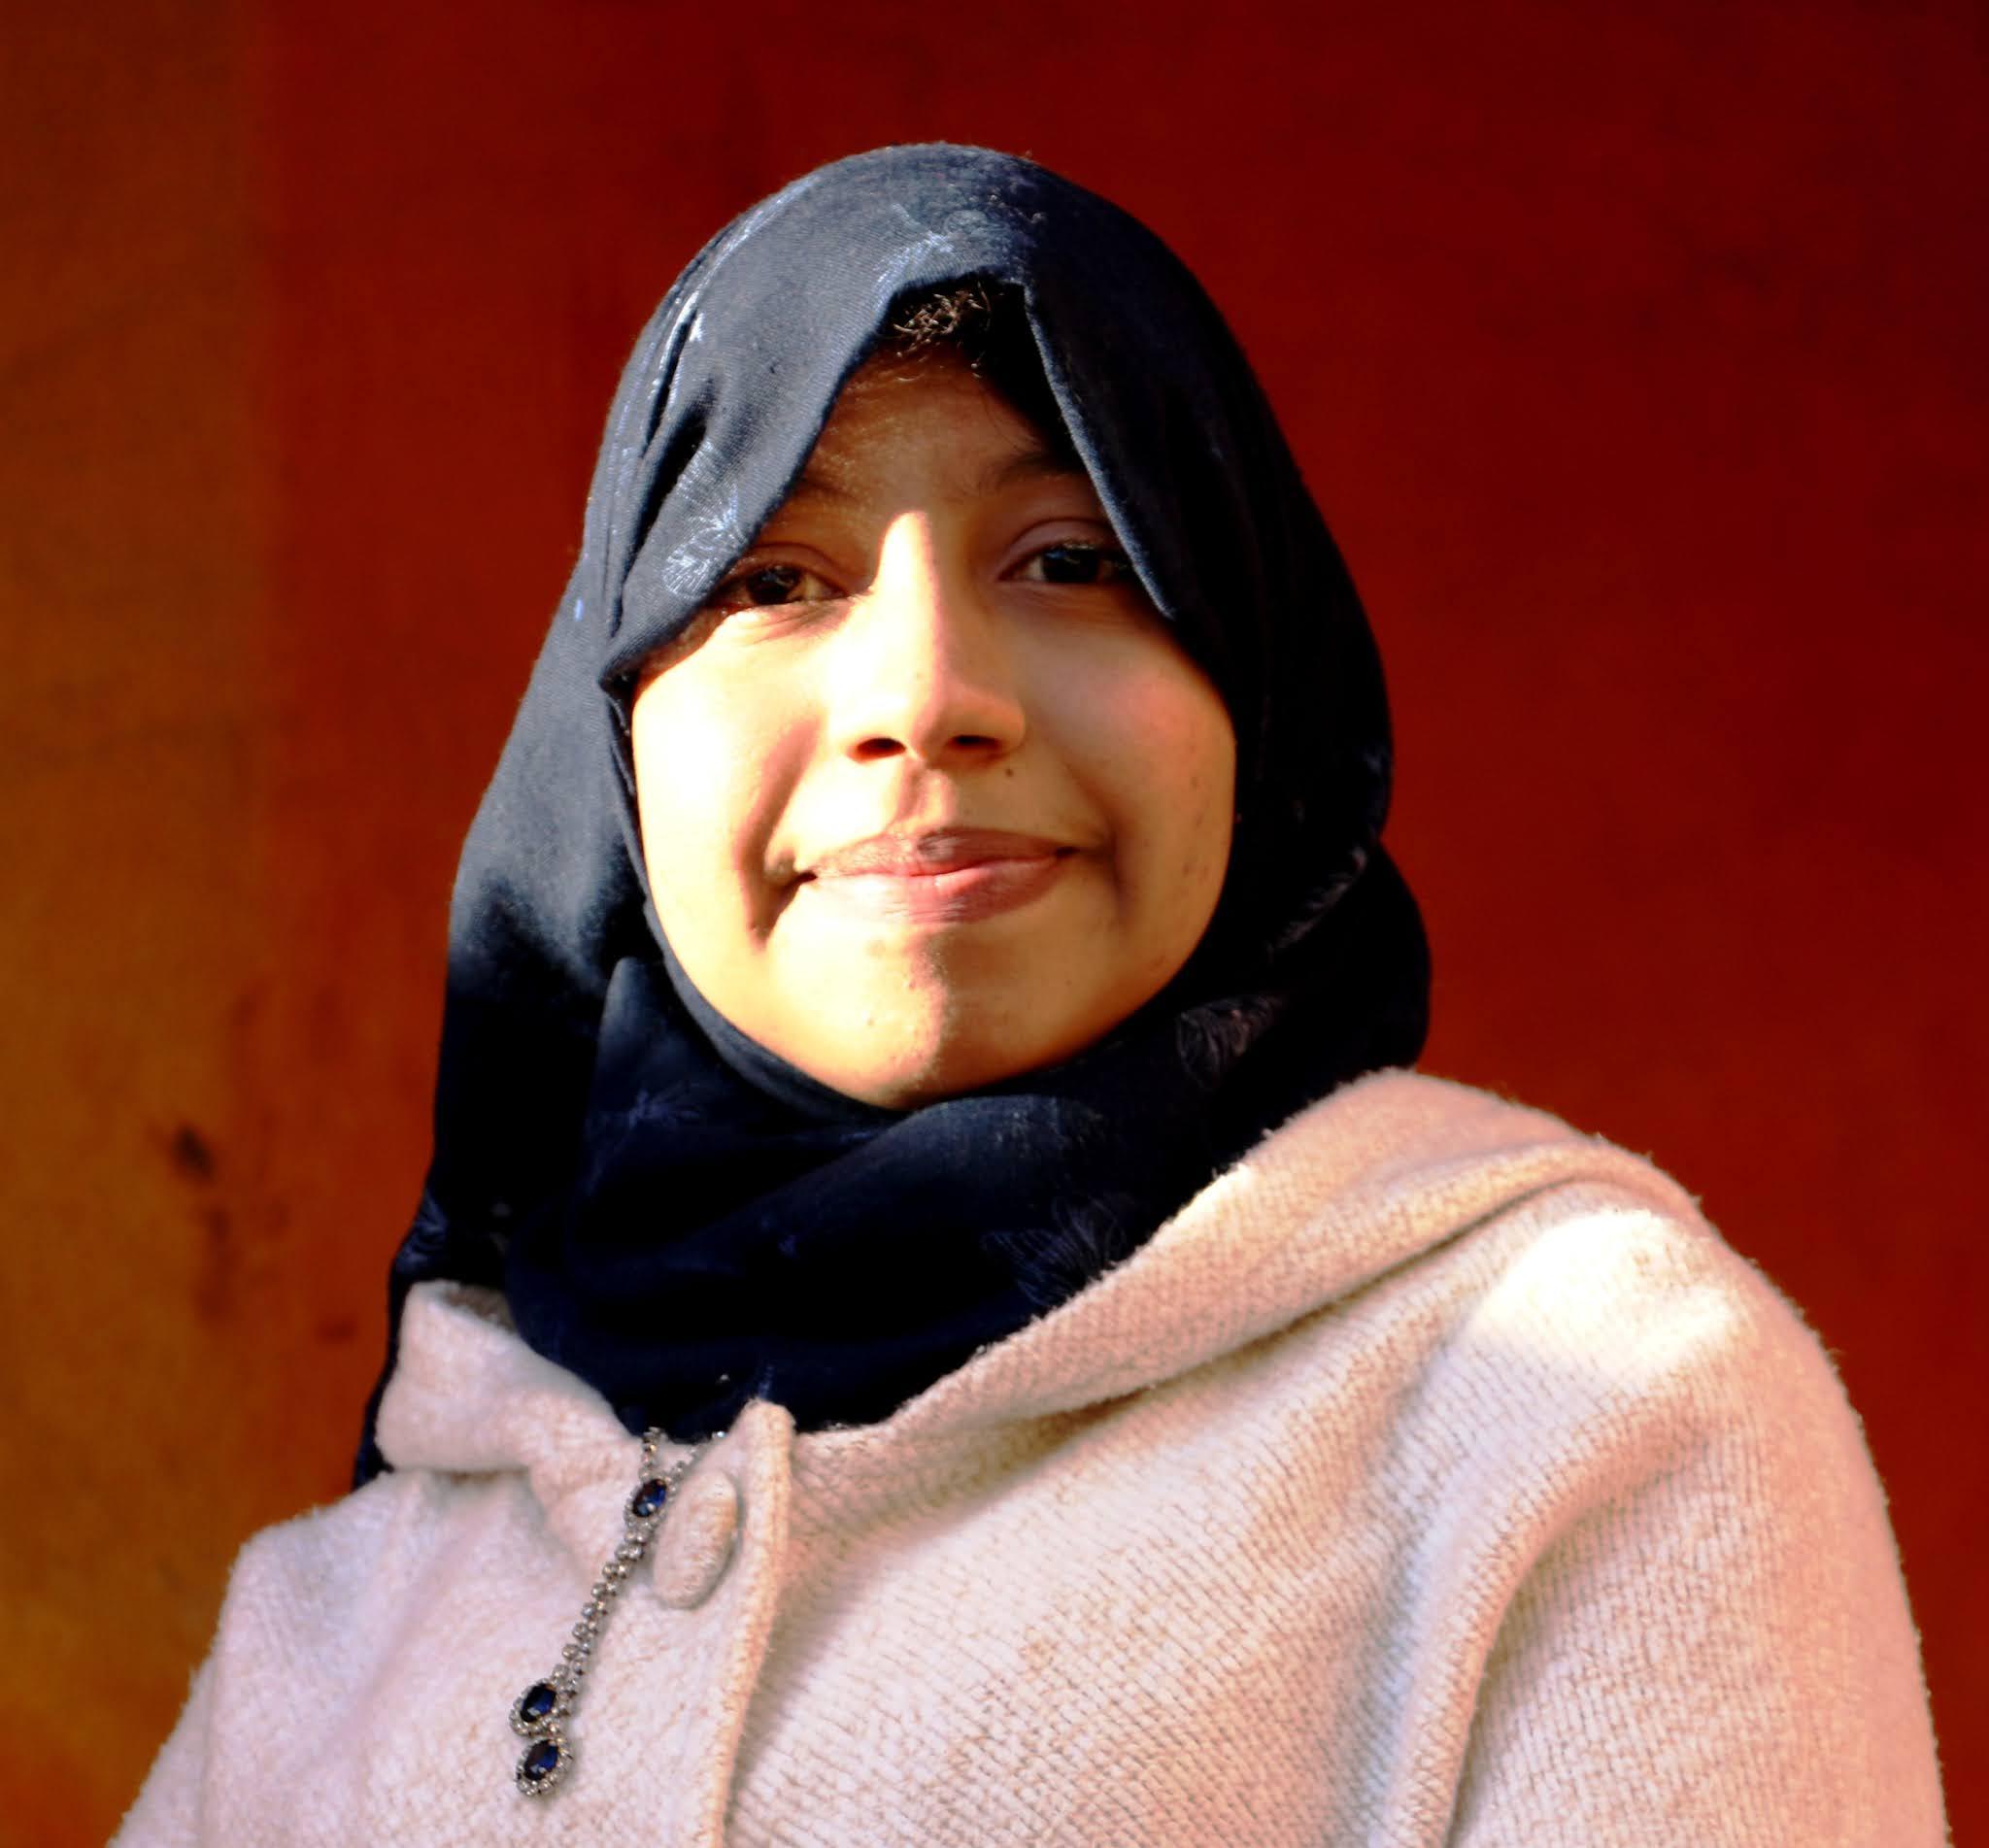 الباحثة لبنى بن البوعزاوي تكتب: لا بديل عن العقل إلا العقل